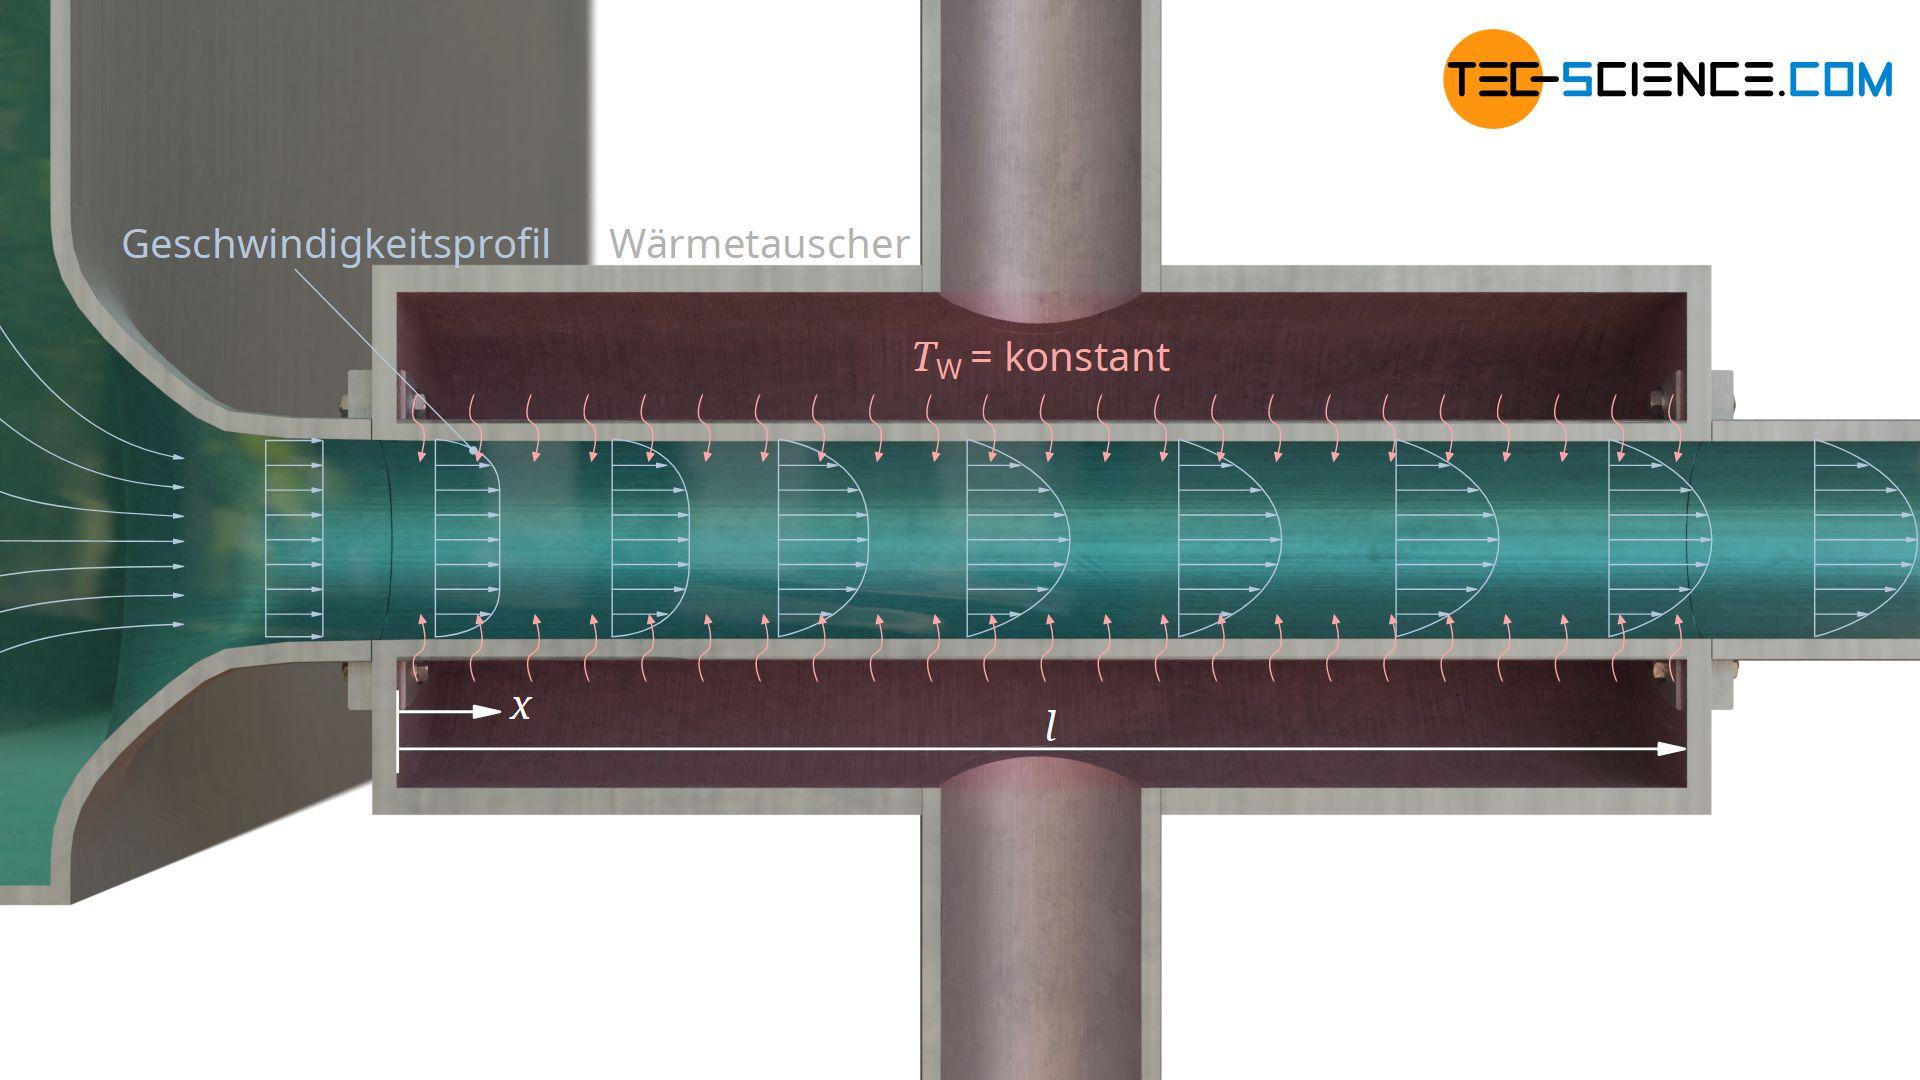 Konvektiver Wärmeübergang bei hydrodynamisch nicht ausgebildeter Strömung und konstanter Wandtemperatur